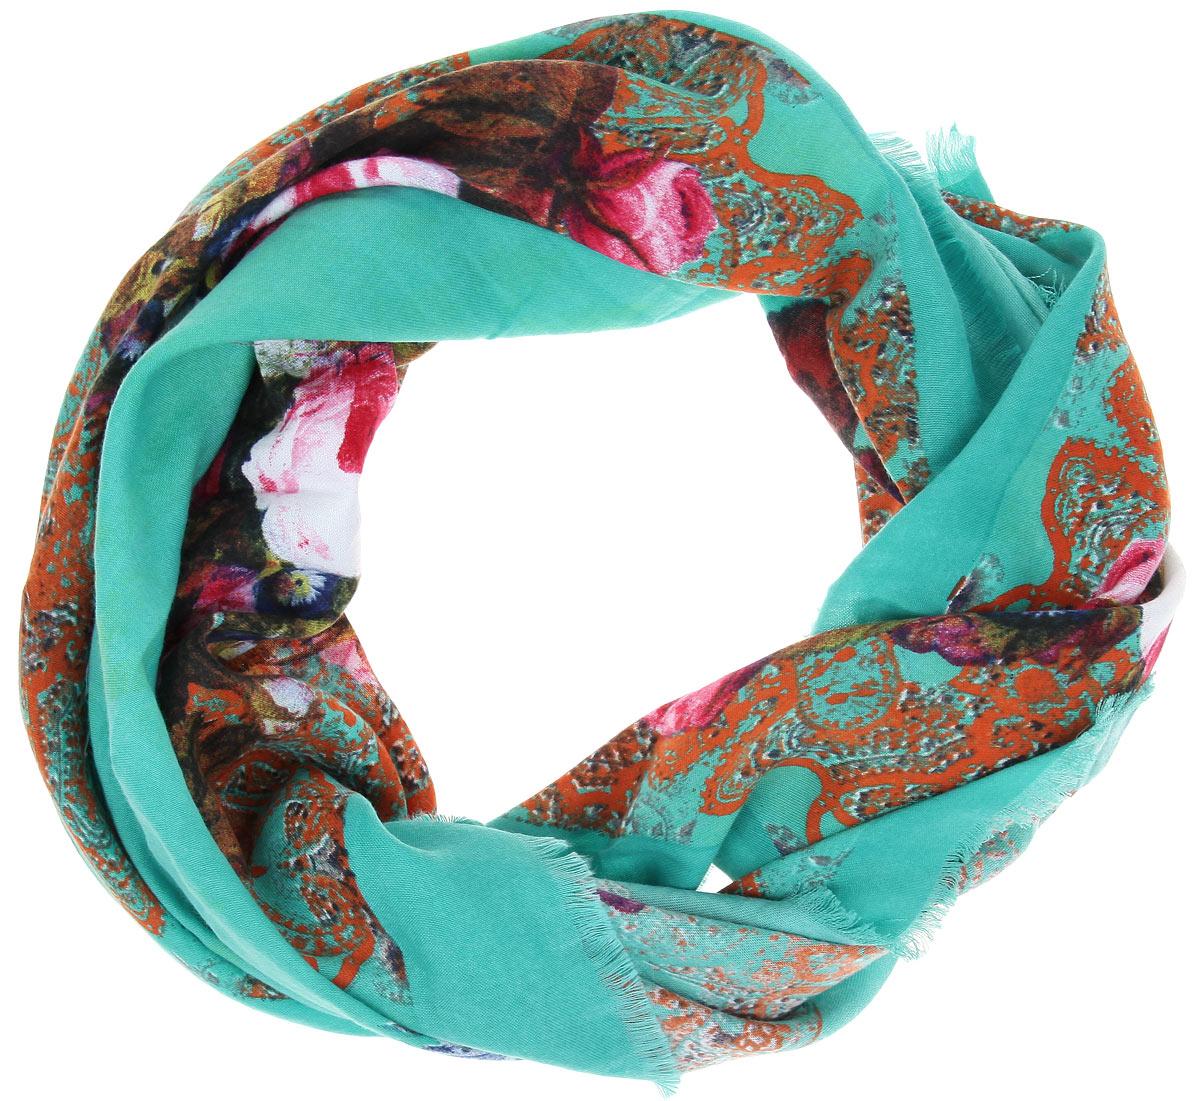 BH-11524-3Платок Sophie Ramage, выполненный из модала с добавлением кашемира, идеально дополнит образ современной женщины. Благодаря своему составу, он удивительно мягкий и очень приятный на ощупь. Модель оформлена ярким цветочным принтом, а по краям декорирована короткой бахромой. Классическая квадратная форма позволяет носить платок на шее, украшать им прическу или декорировать сумочку. С этим платком вы всегда будете выглядеть стильно, ярко и привлекательно.